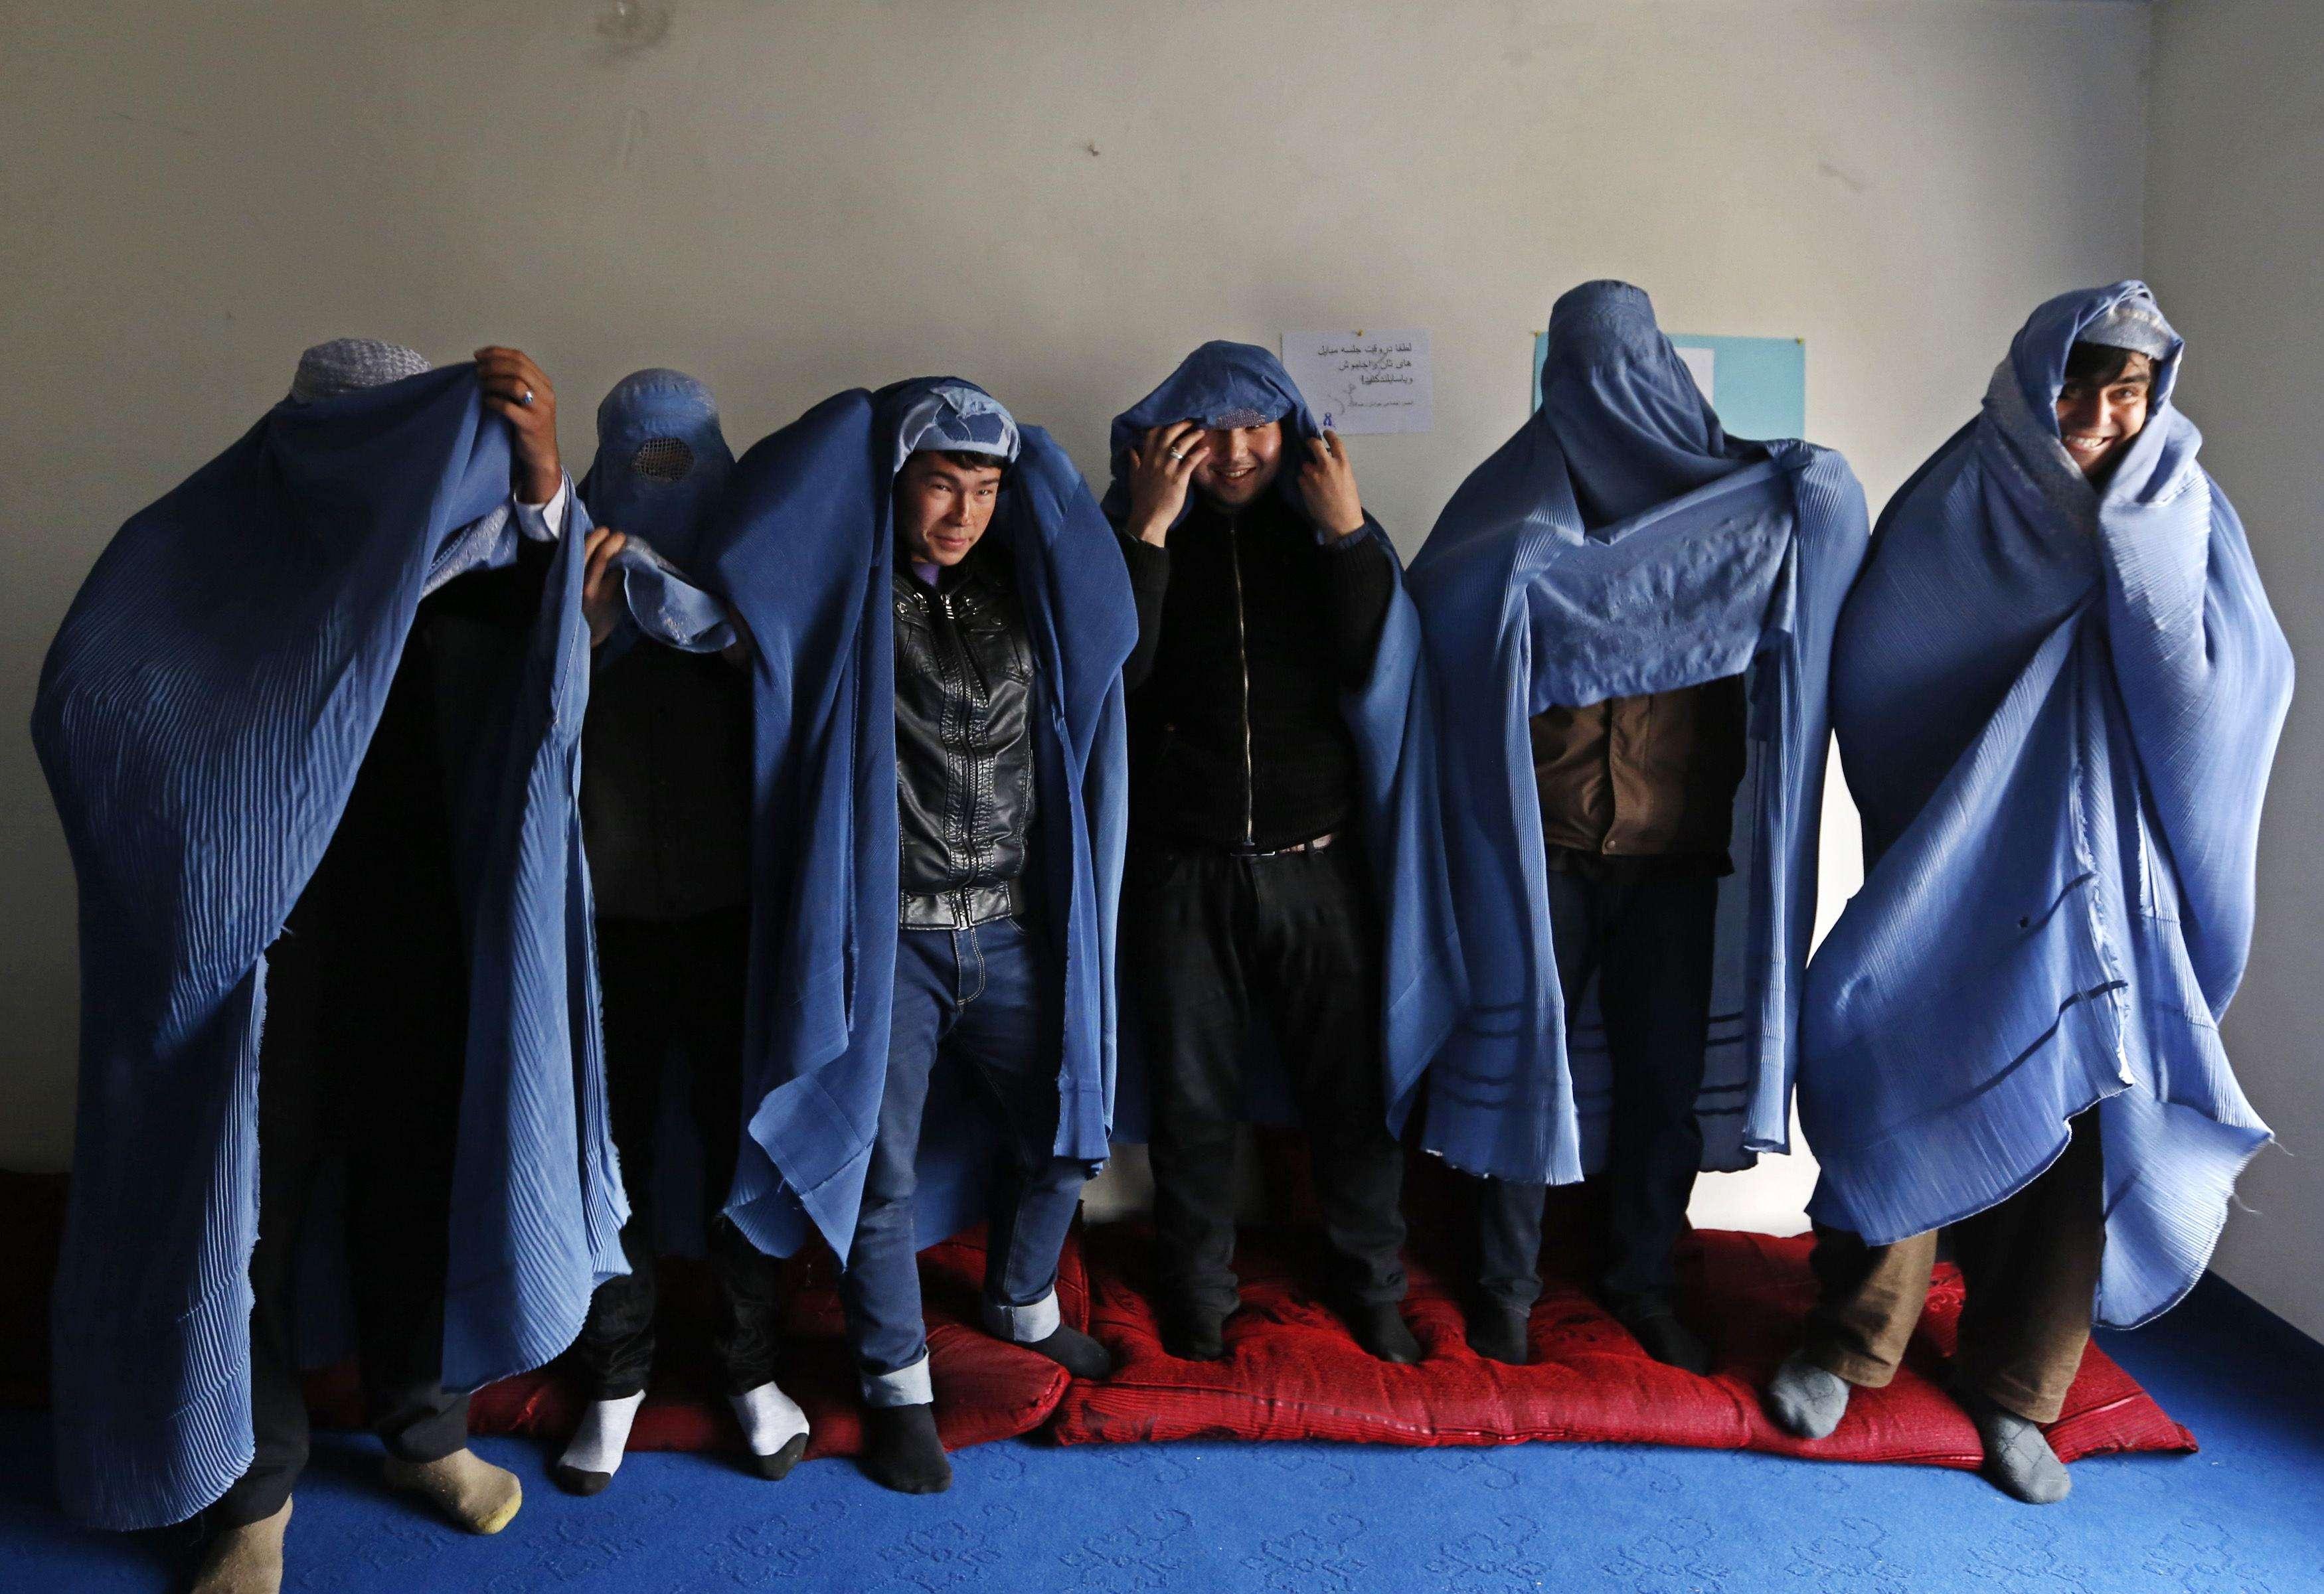 Hombres feministas de Afganistán posan con burkas para mostrar su solidaridad con las mujeres de su país con motivo del Día Internacional de la Mujer en Kabul, el 5 de marzo de 2015. Un grupo de hombres marcharon por la ciudad el pasado jueves. Foto: Reuters en español